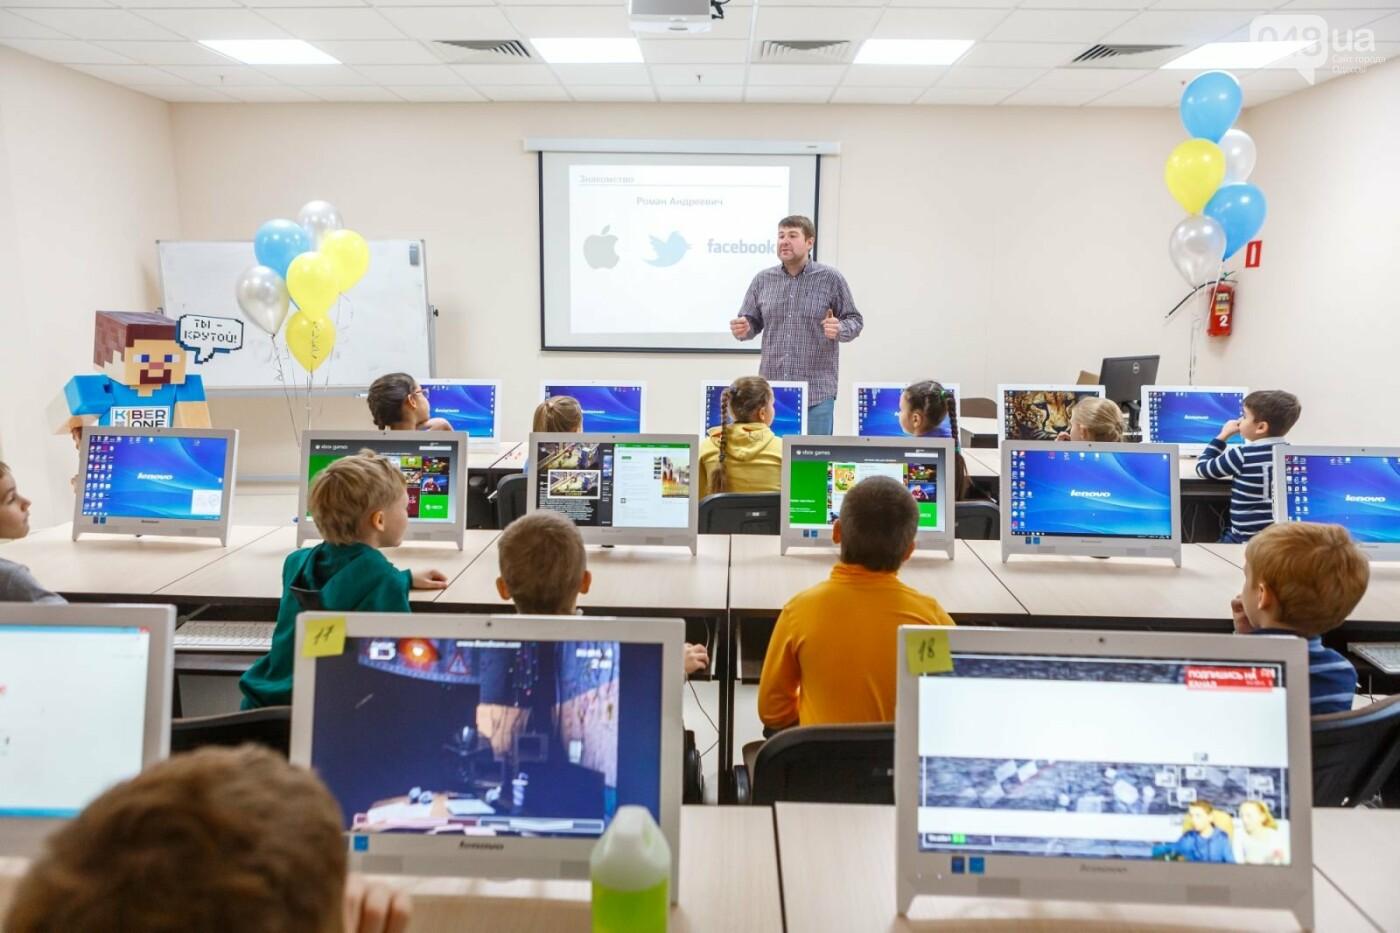 В Одессе появилась кибершкола для превращения детей в Стивов Джобсов. Будущее уже наступило., фото-4